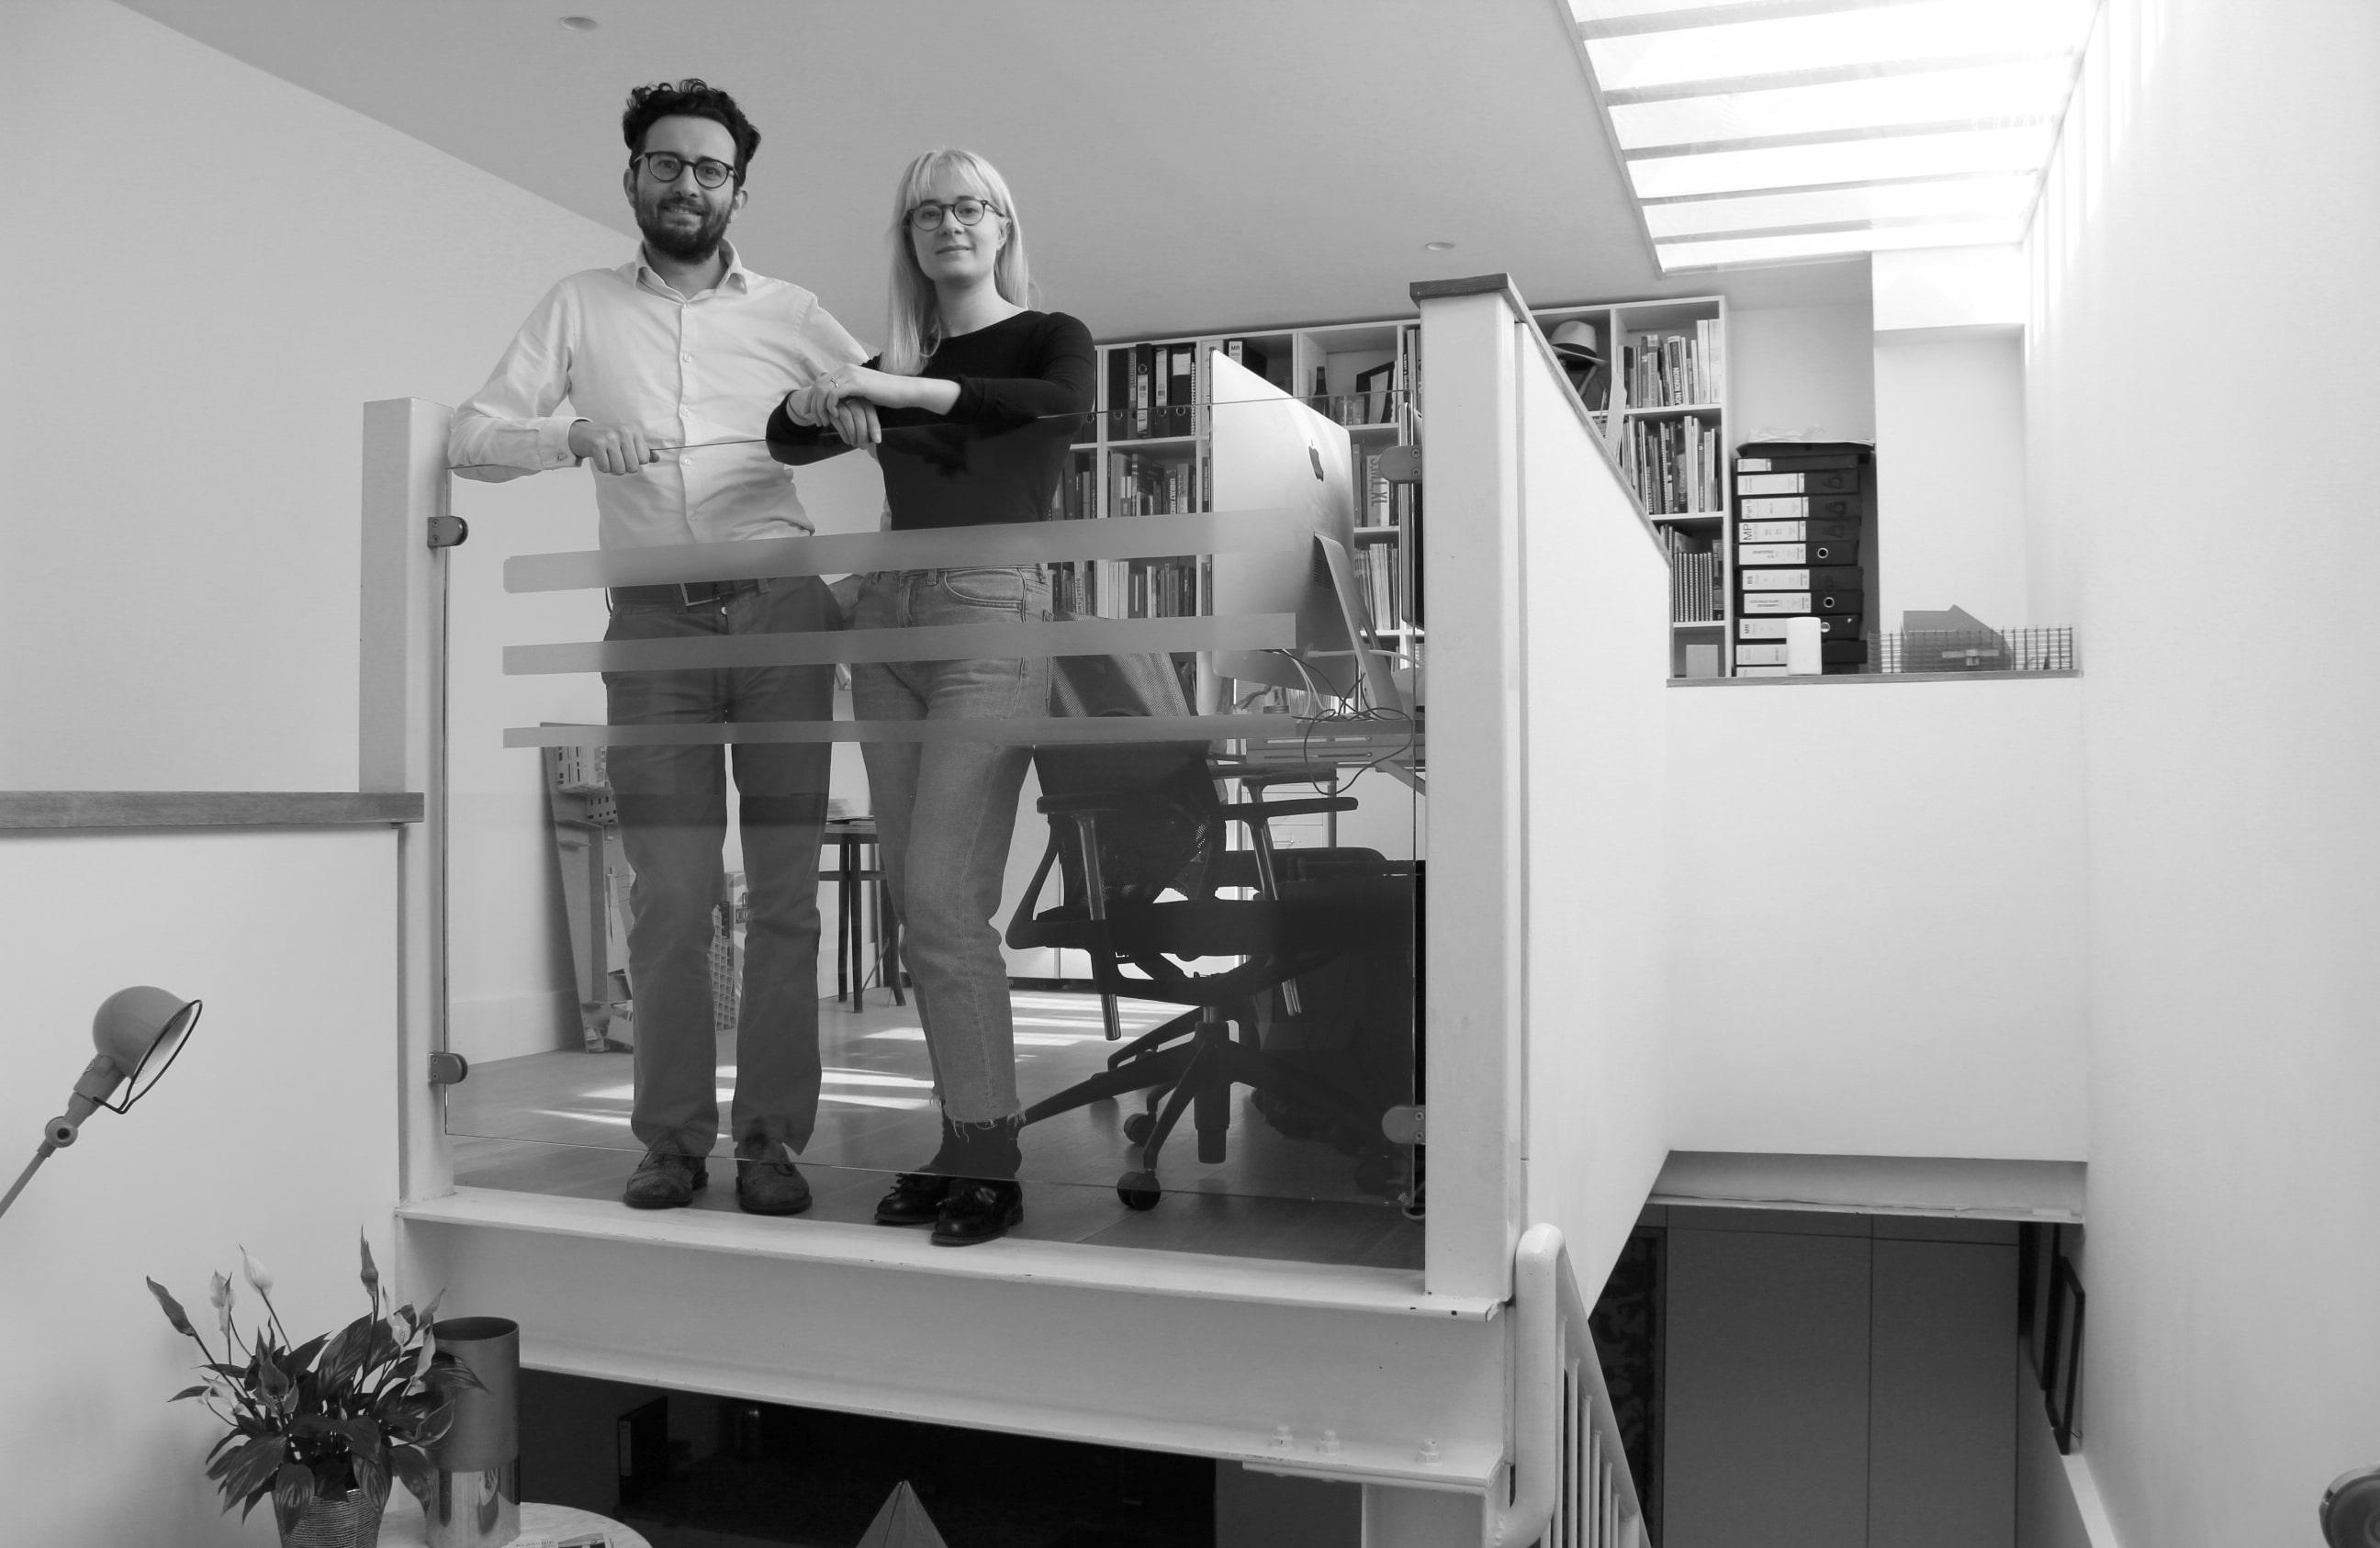 Klassnik Corporation Staff Tomas Klassnik and Jessica Hayes